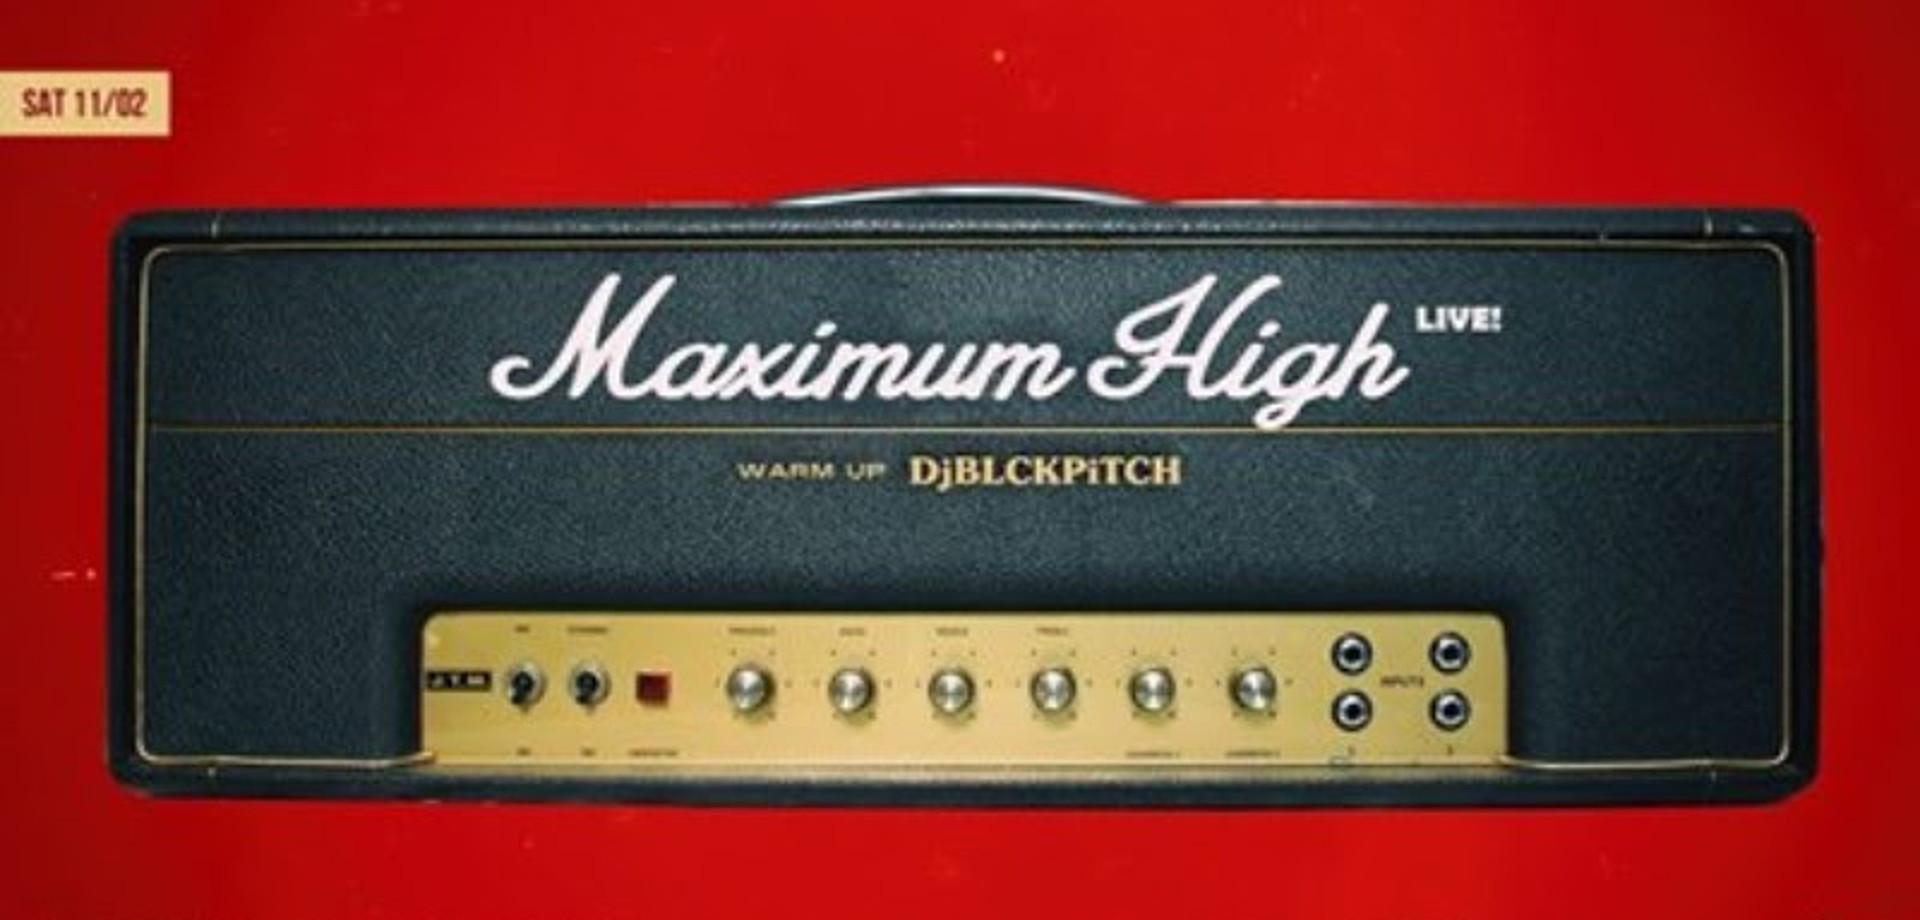 Maximum High live